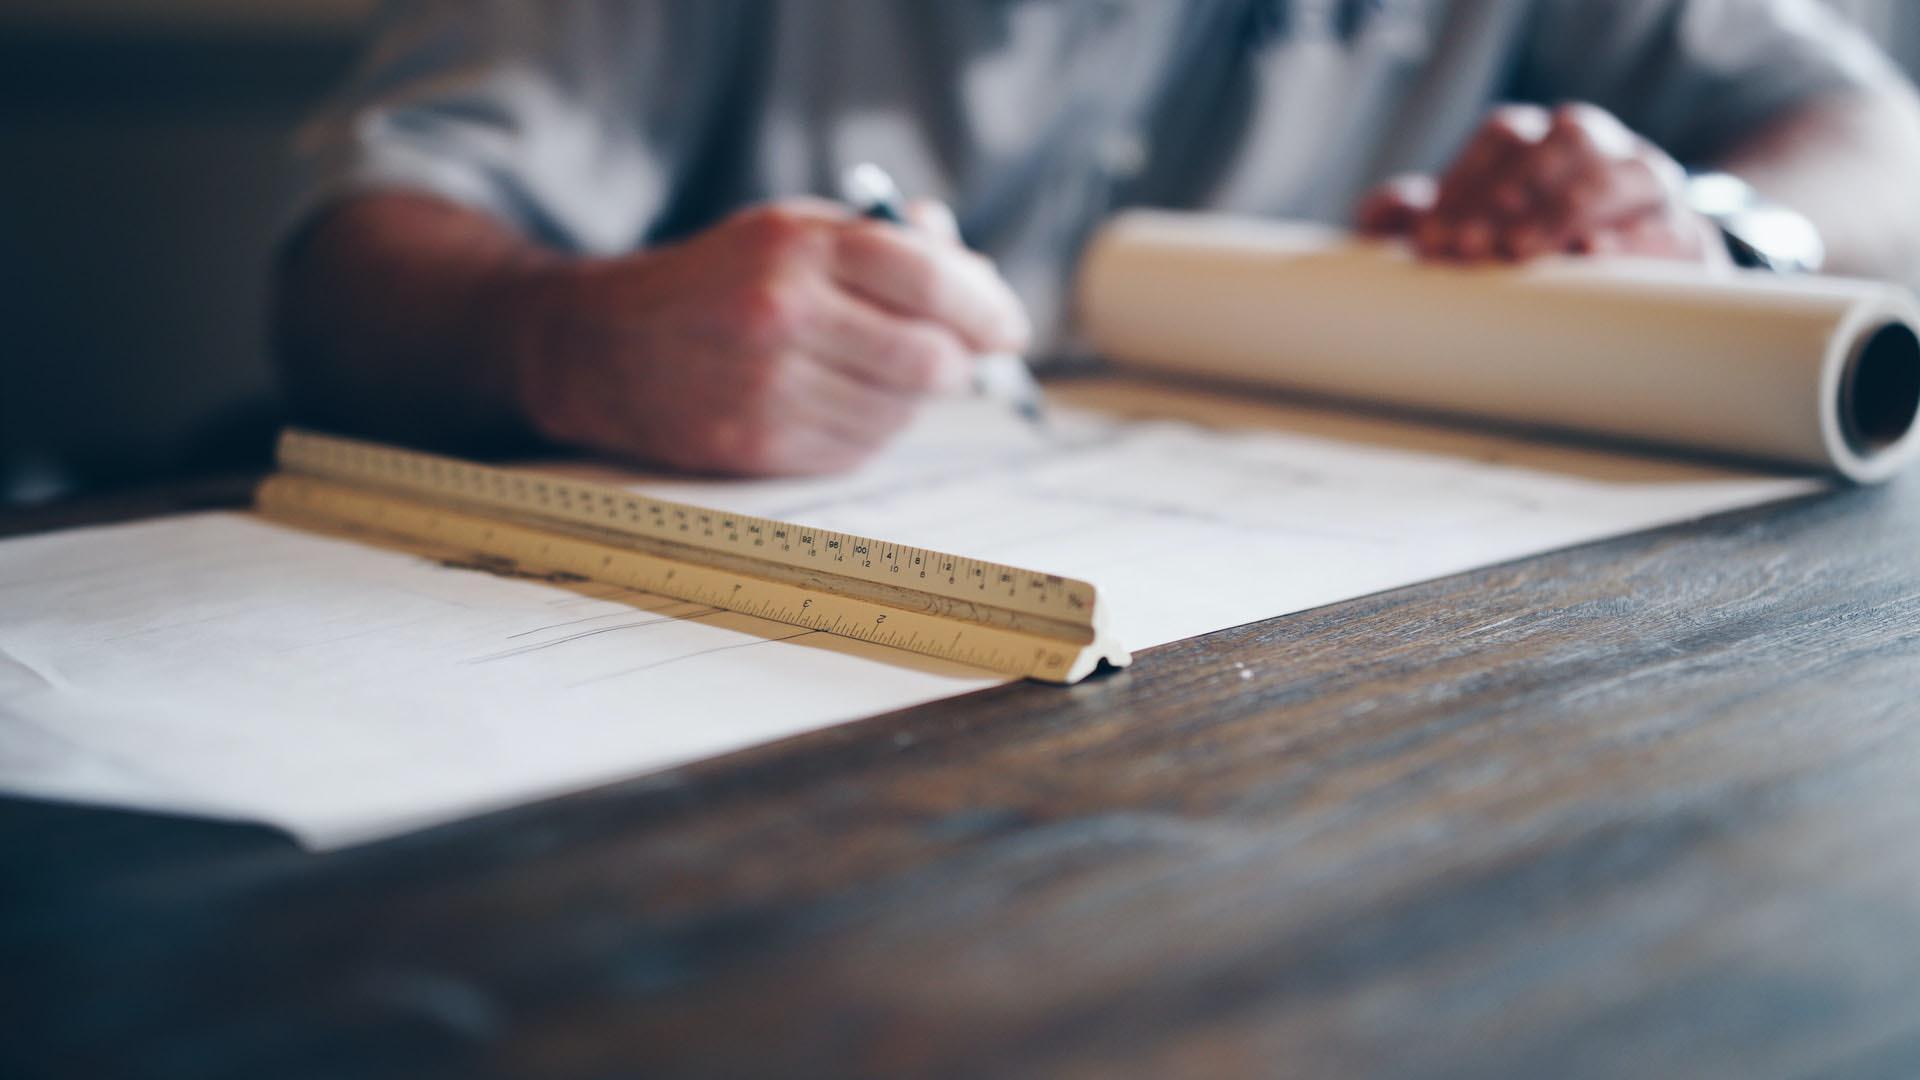 Ein Architekt füllt neben Zeichnungen seinen Bauzeitenplan auf einem Holztisch aus